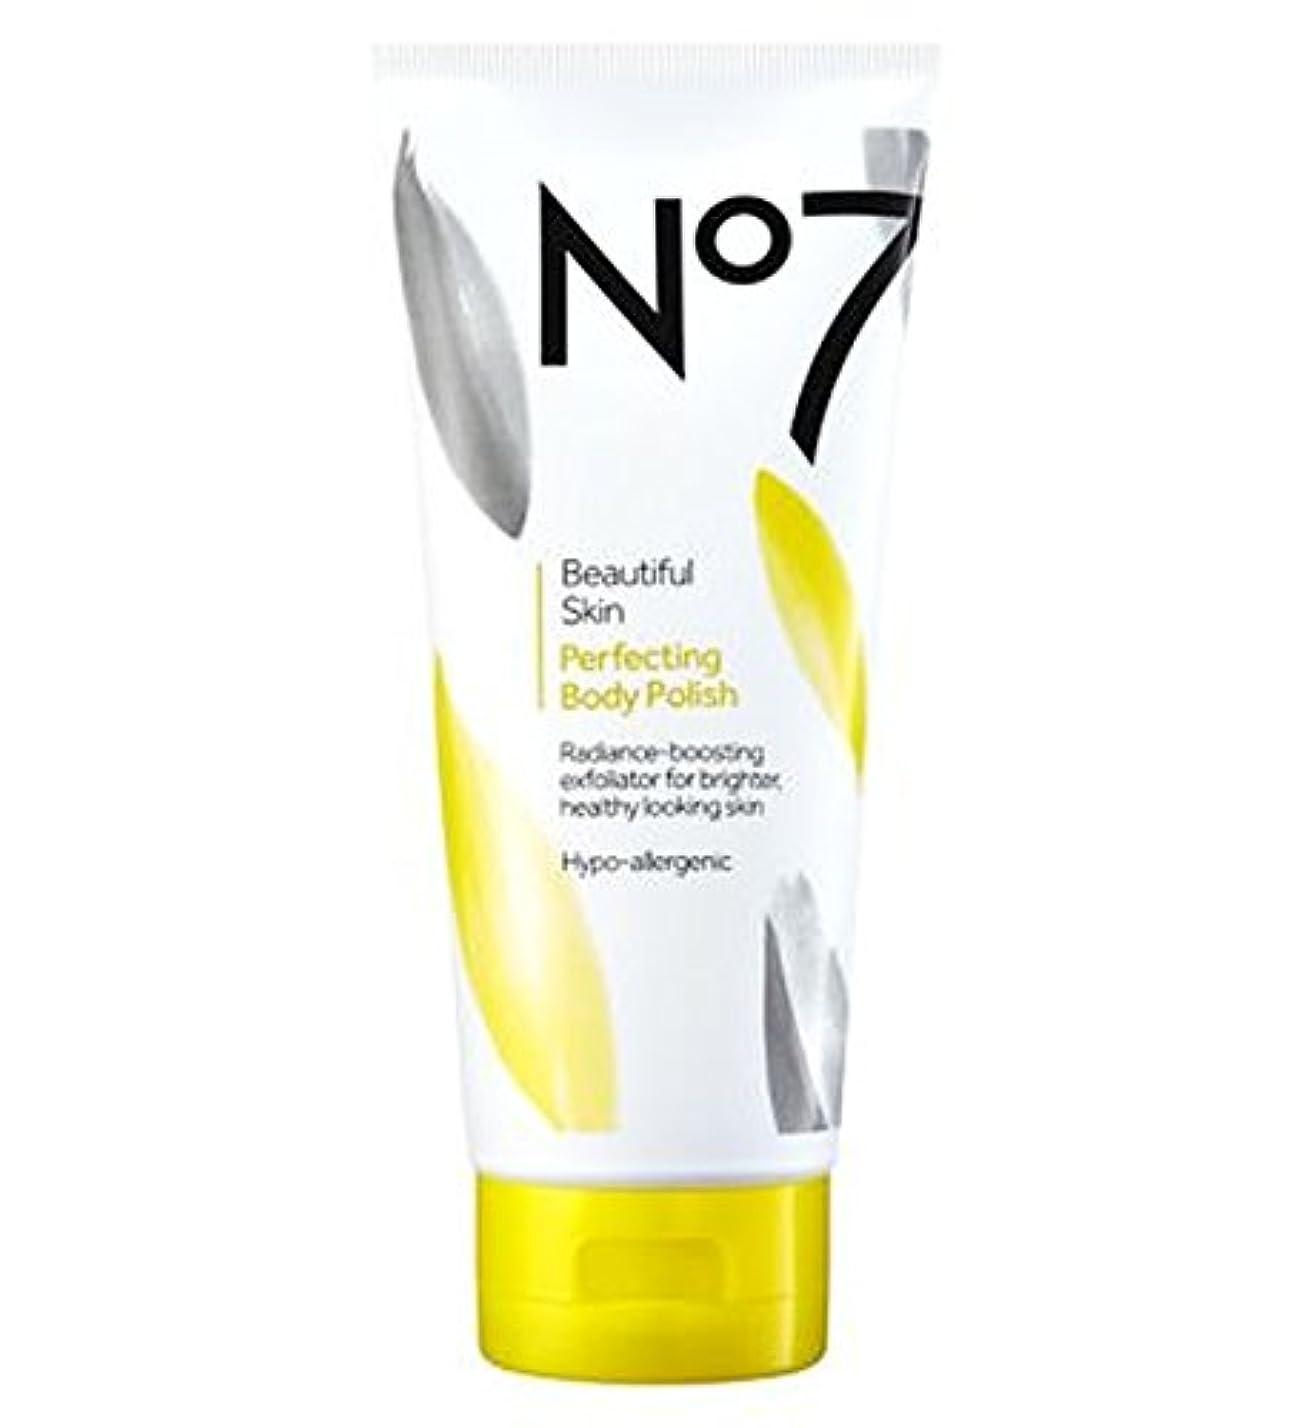 ロバ宇宙飛行士平和なNo7 Beautiful Skin Perfecting Body Polish - ボディポリッシュを完成No7美肌 (No7) [並行輸入品]